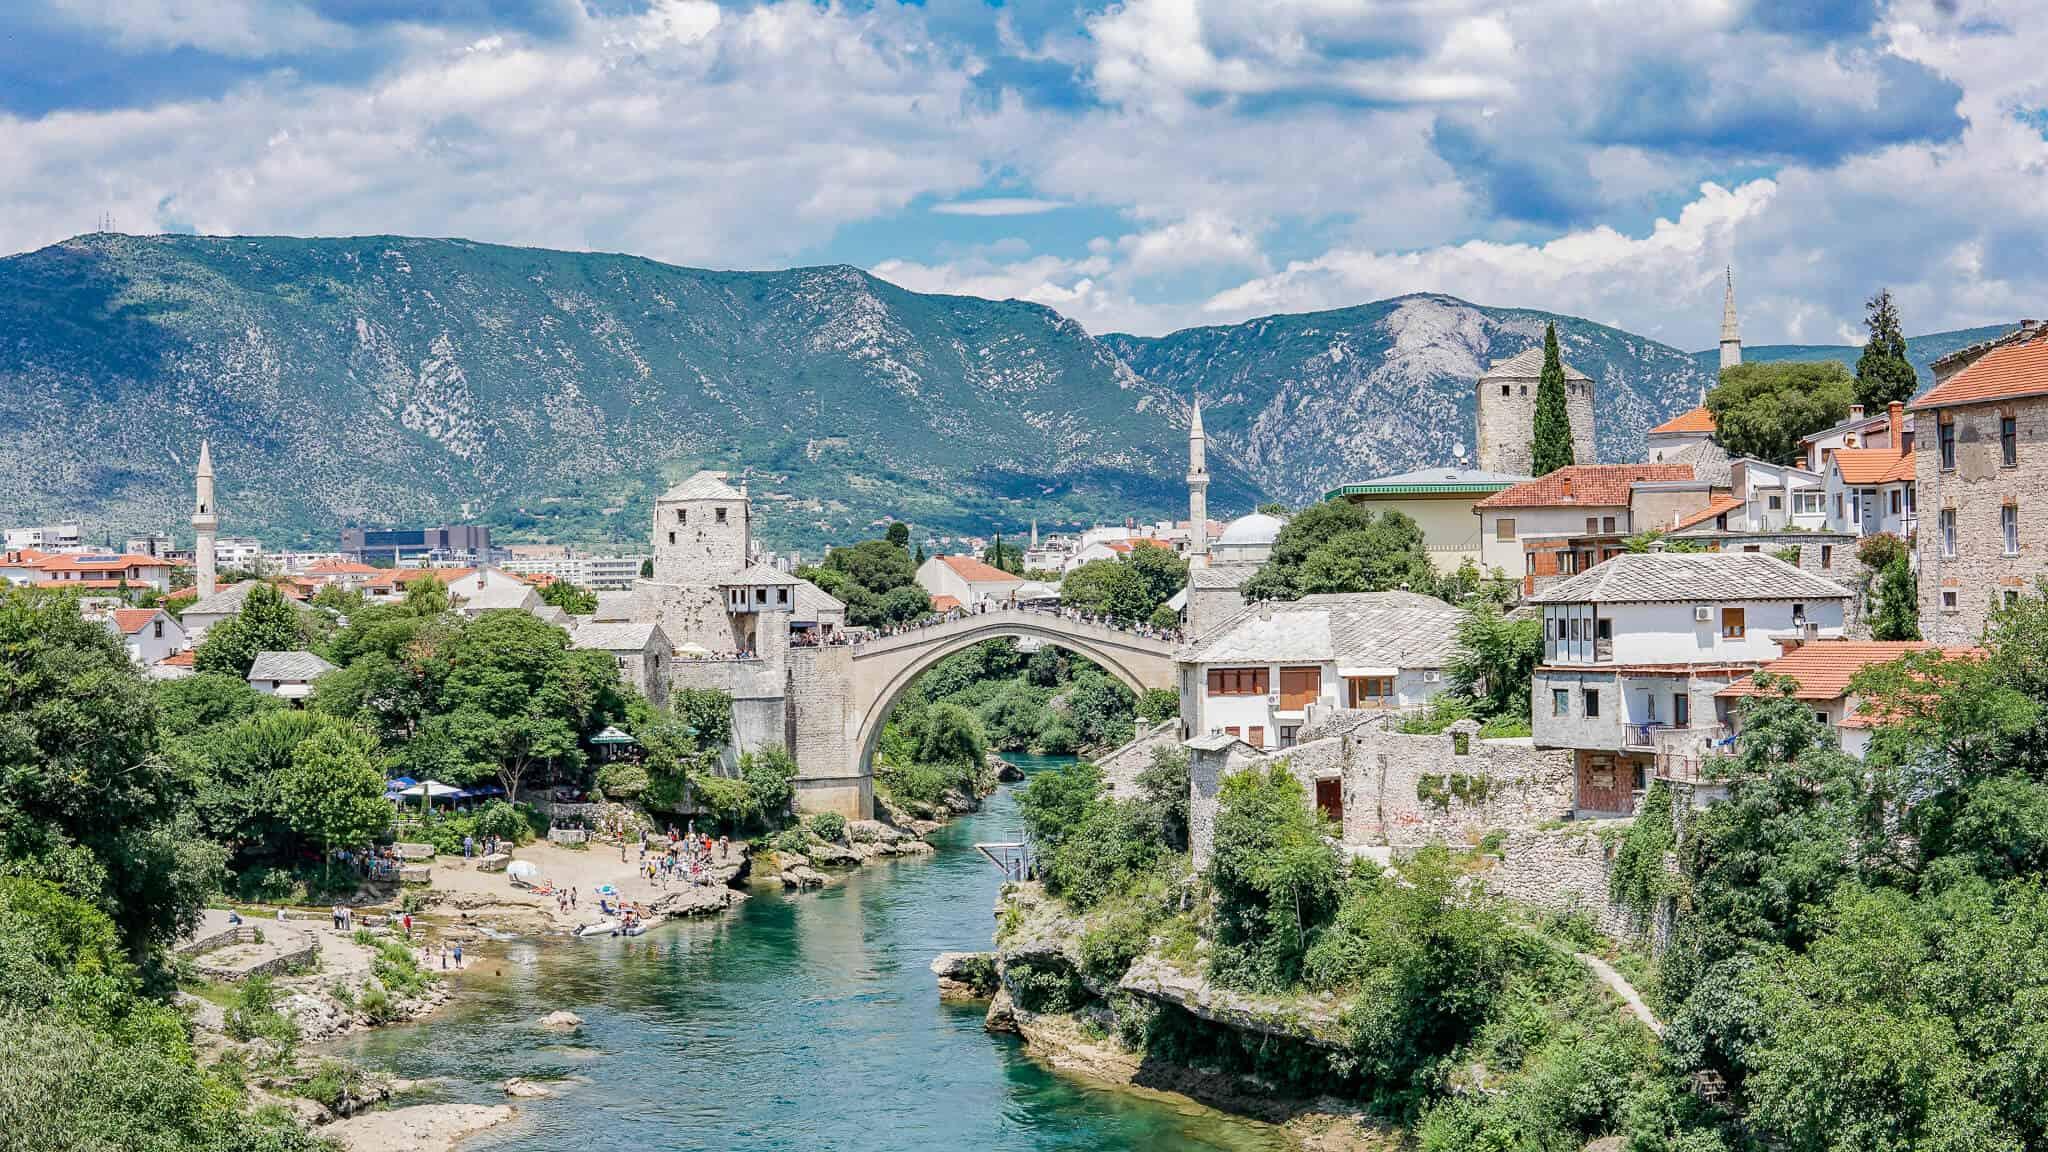 Blick auf die volle Stari Most Mostar